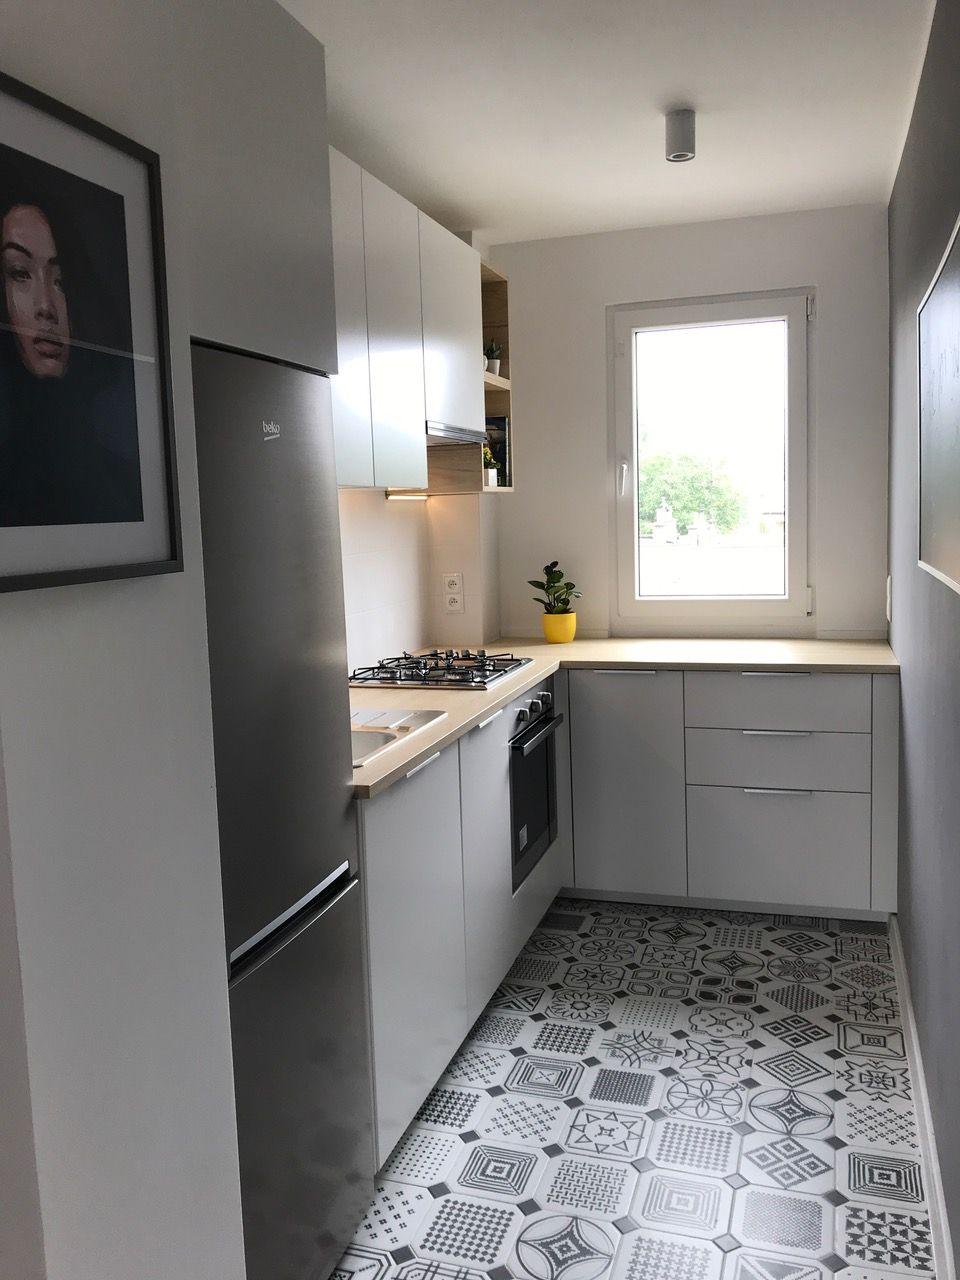 Kuchnia Ikea Metod Z Bialymi Frontami Veddinge I Uchwytami Blankett Small Apartment Kitchen Ikea Metod Kitchen Home Kitchens